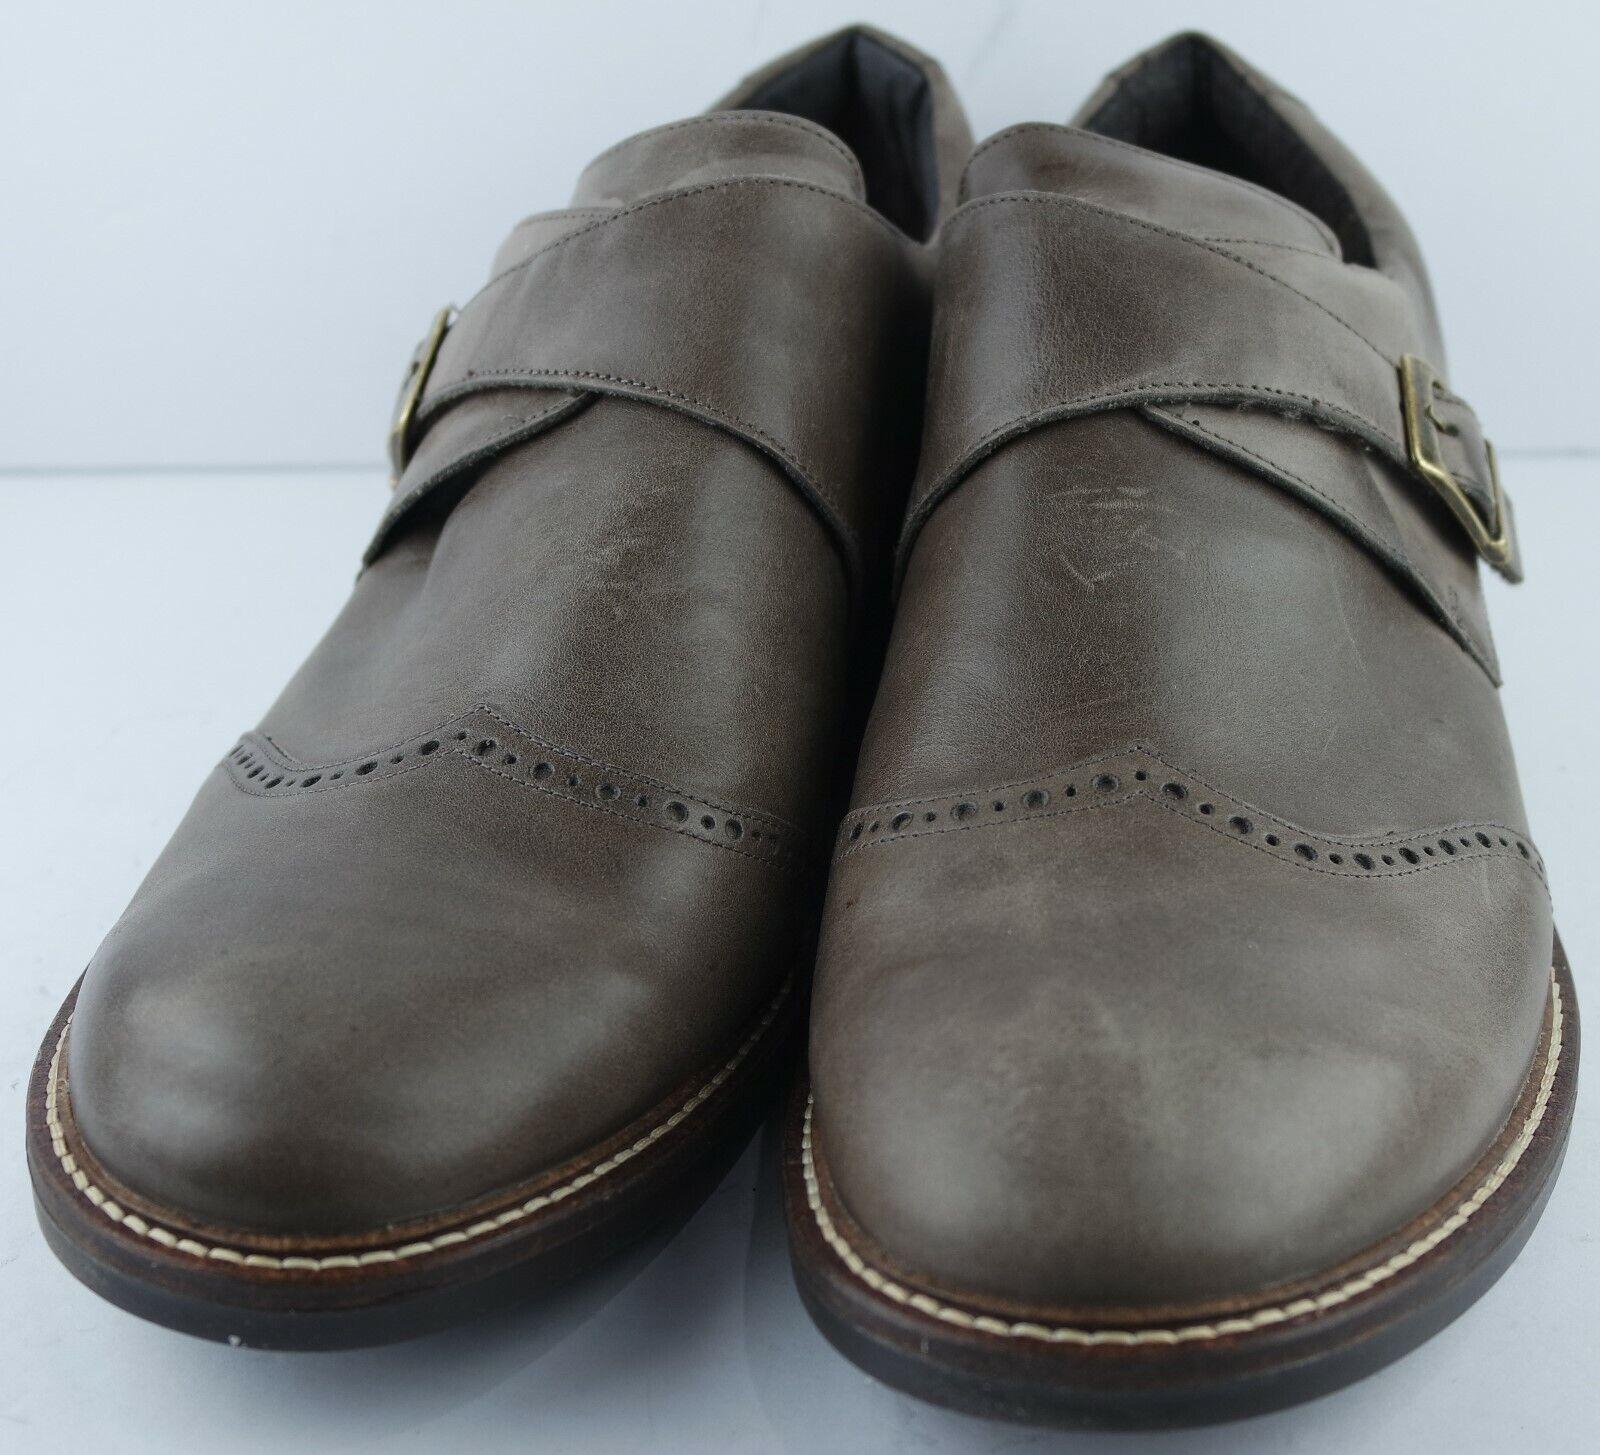 Naot calzado para hombre de cuero vintage Niebla evidencia precio minorista sugerido por el fabricante  200 talla EU 45 nos 12